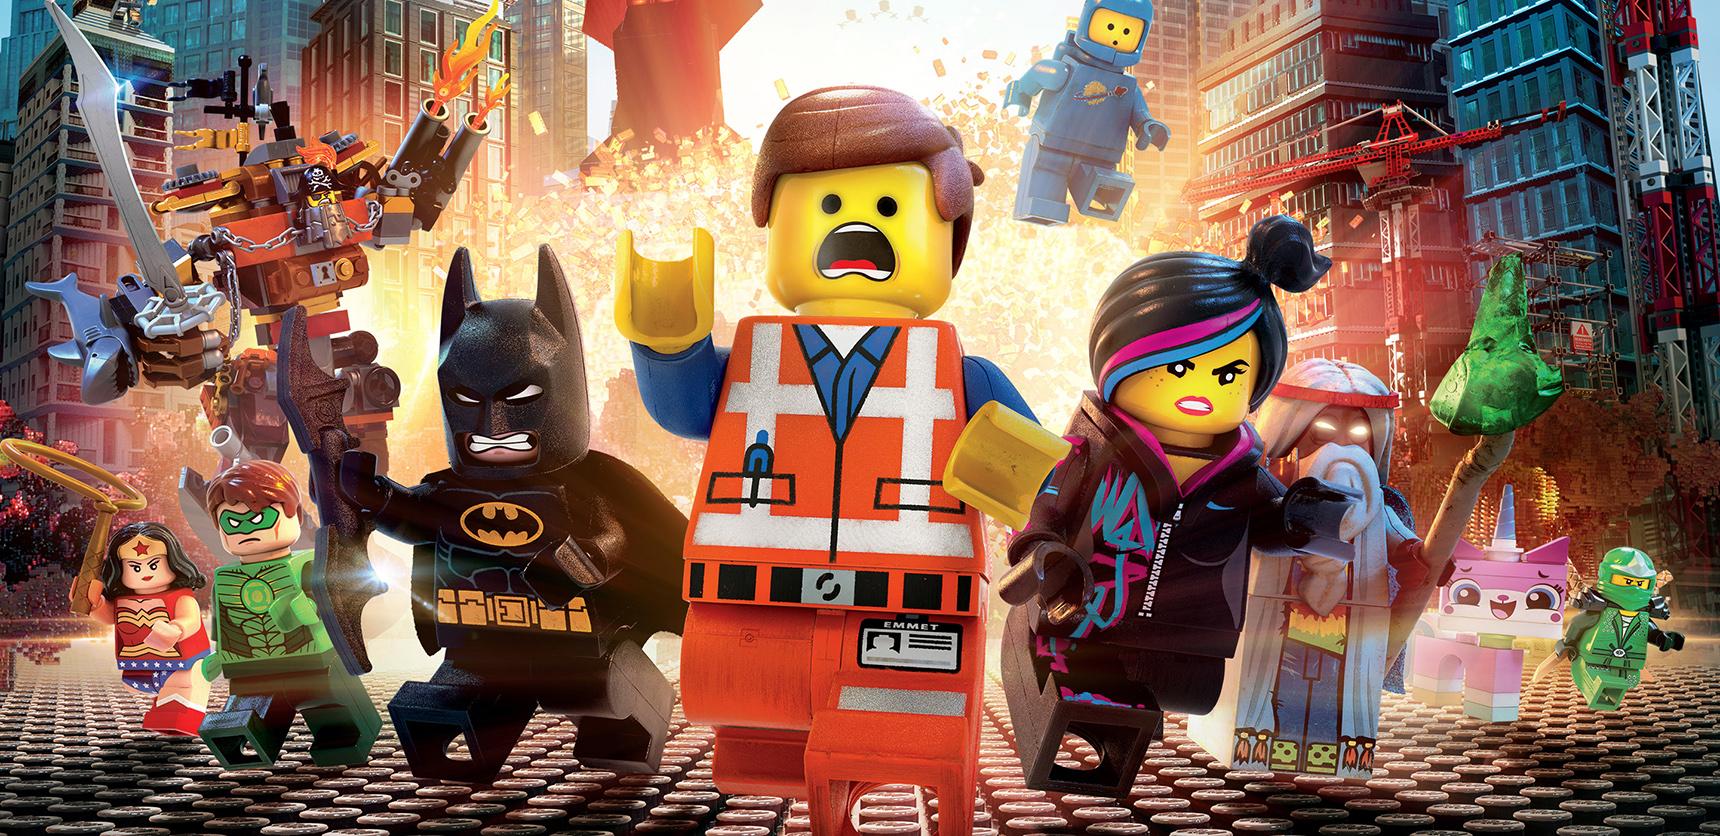 Zmiana reżysera w Lego Movie 2. Pierwsze zdjęcie z Ninjago